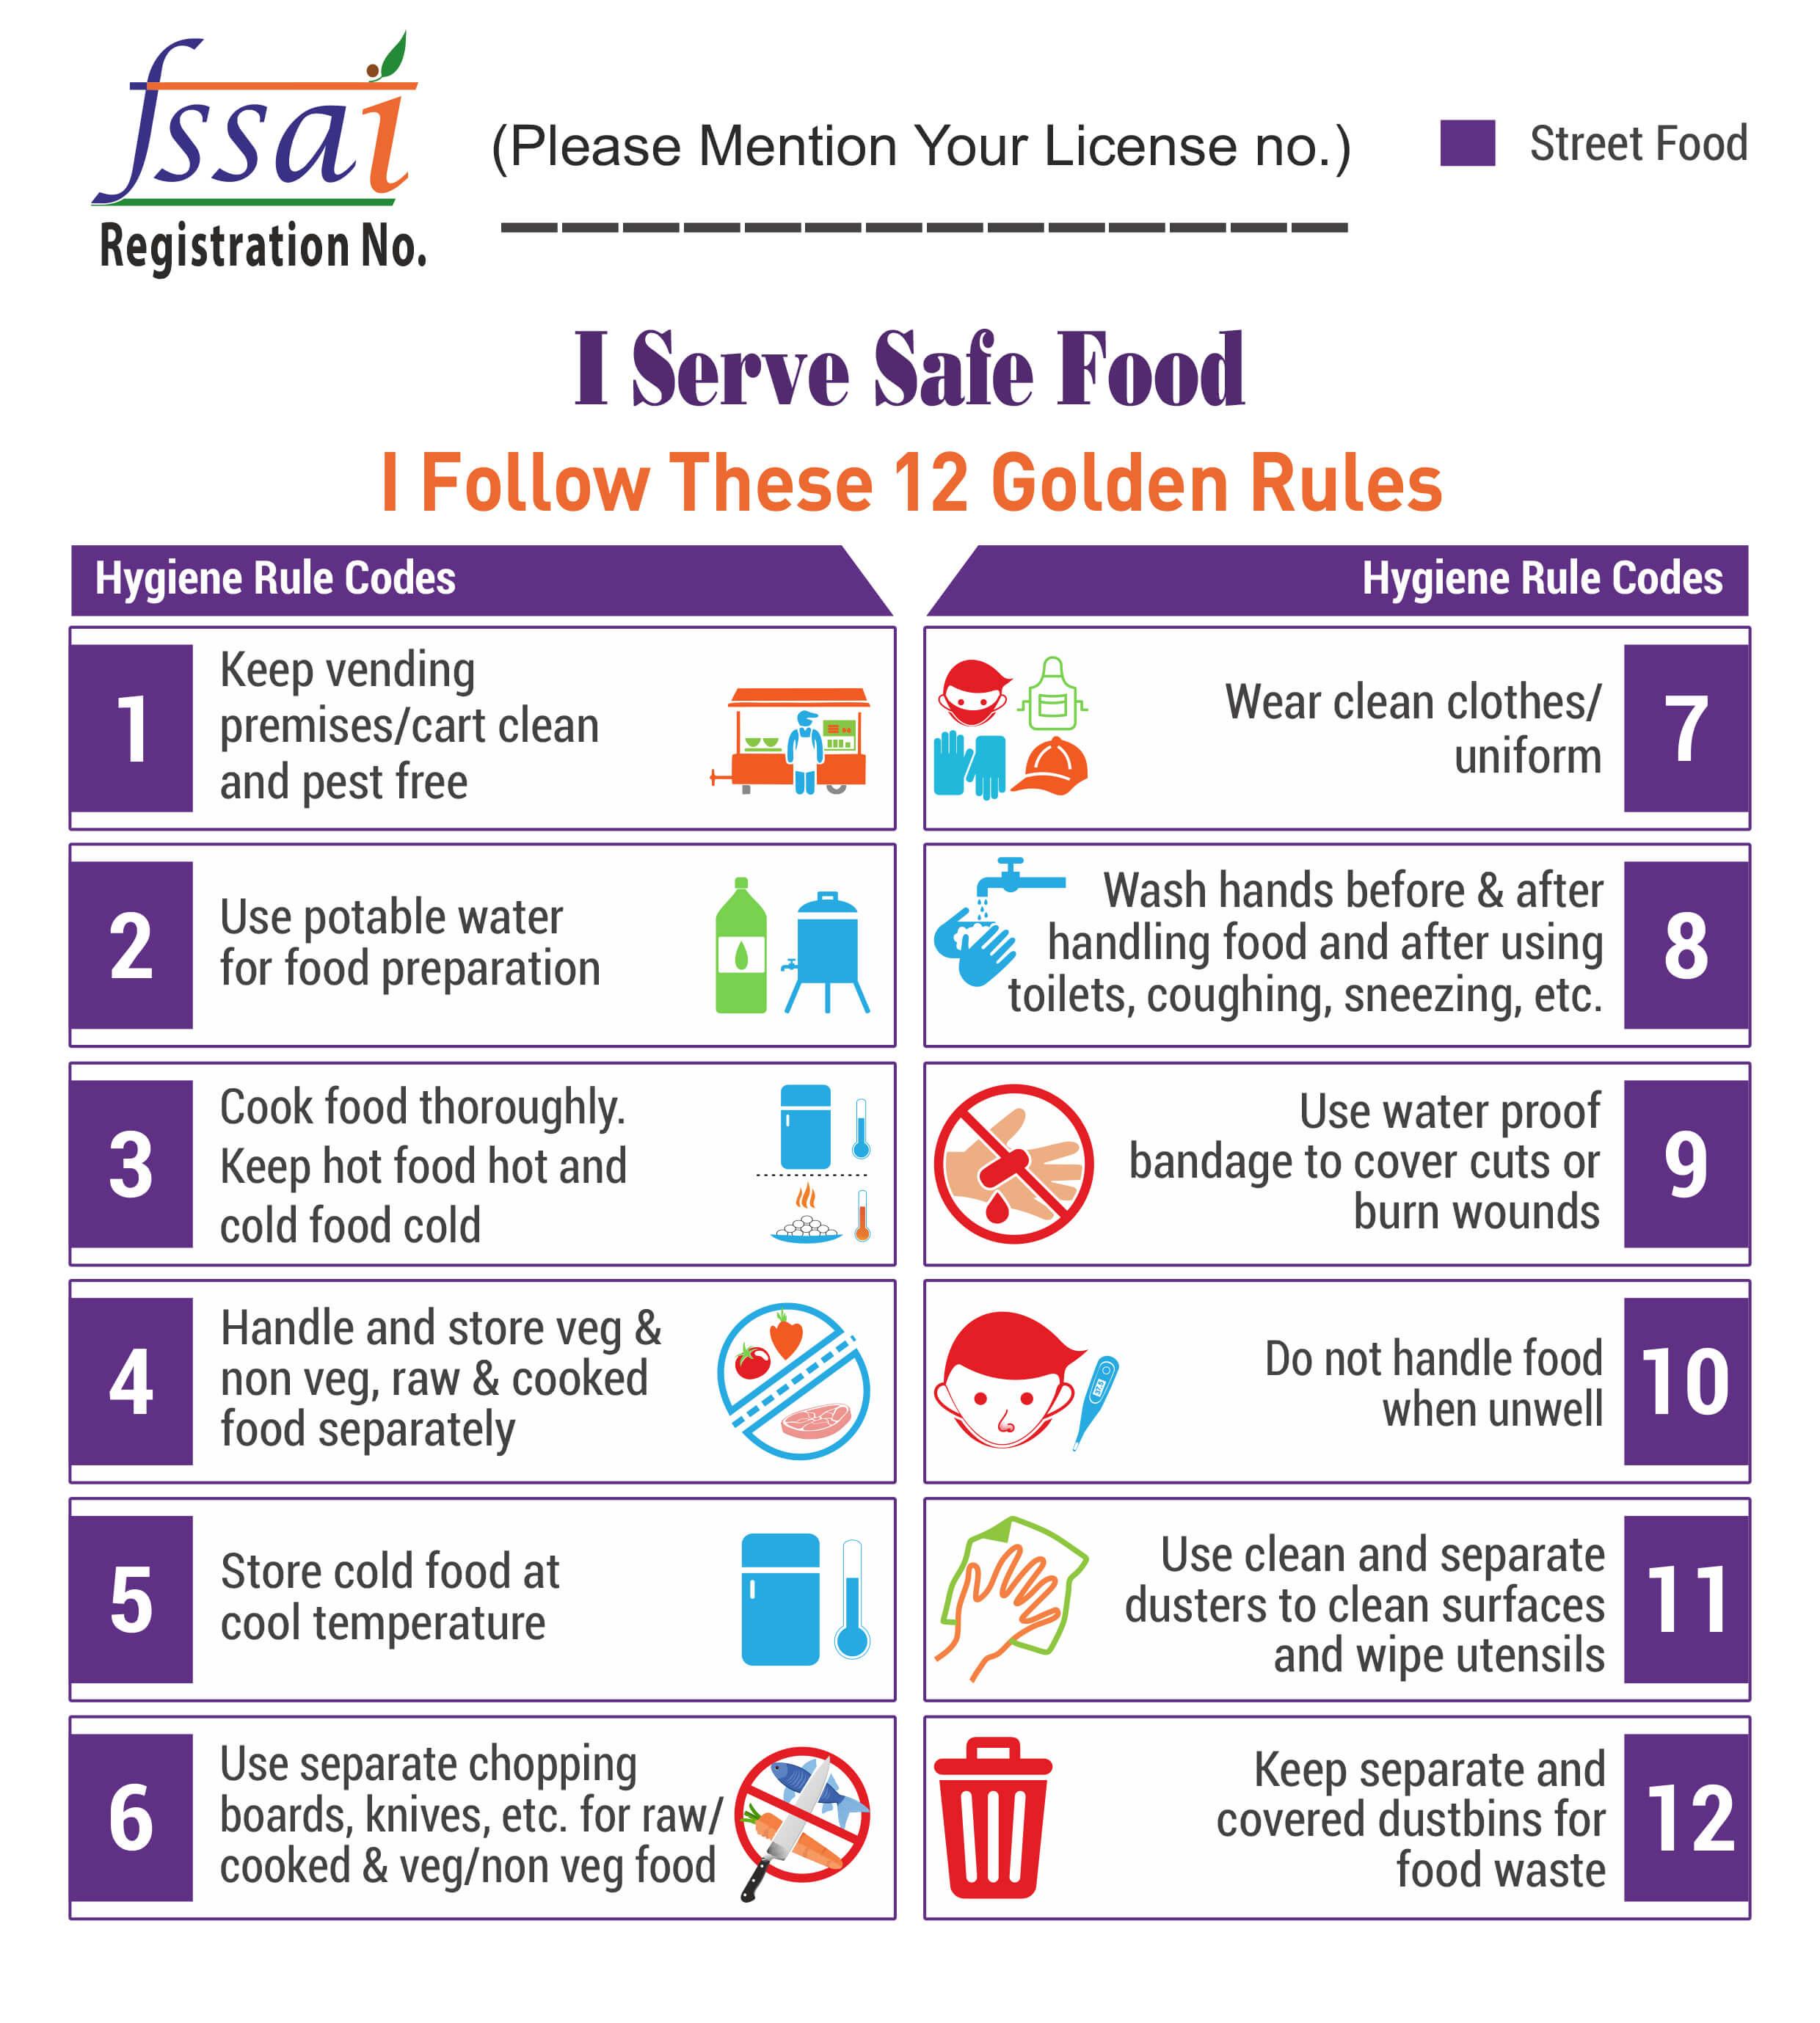 fssai-food-chart